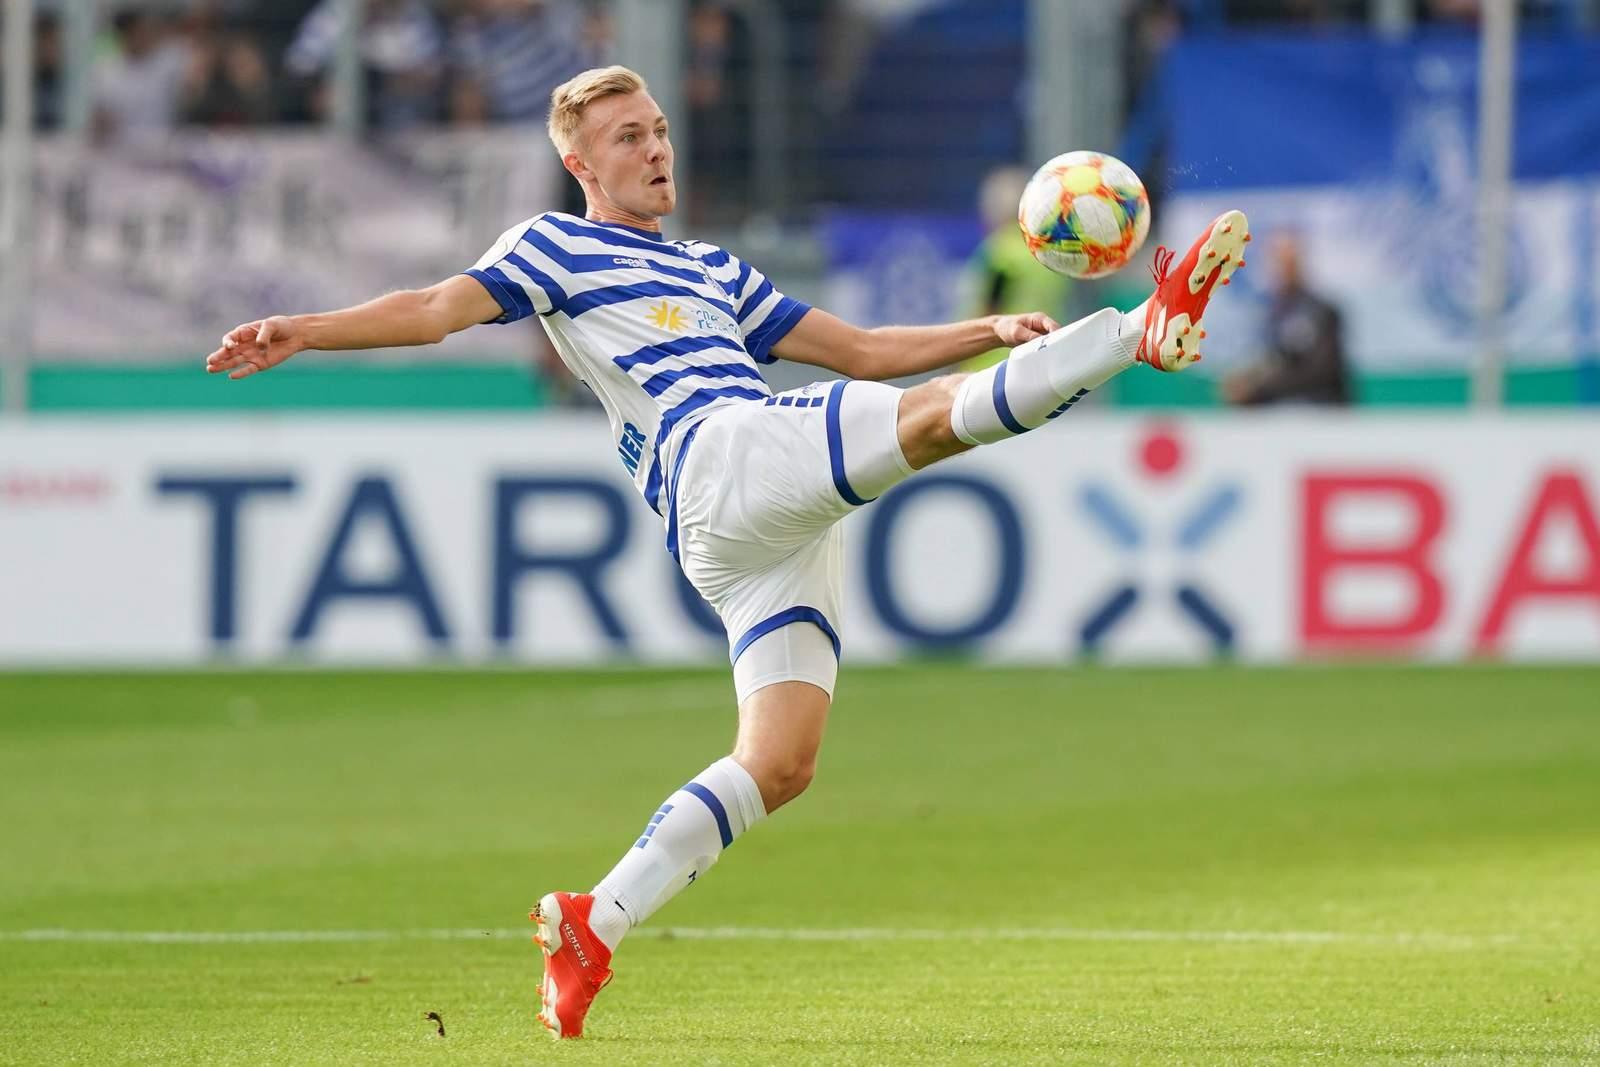 Lukas Daschner vom MSV Duisburg